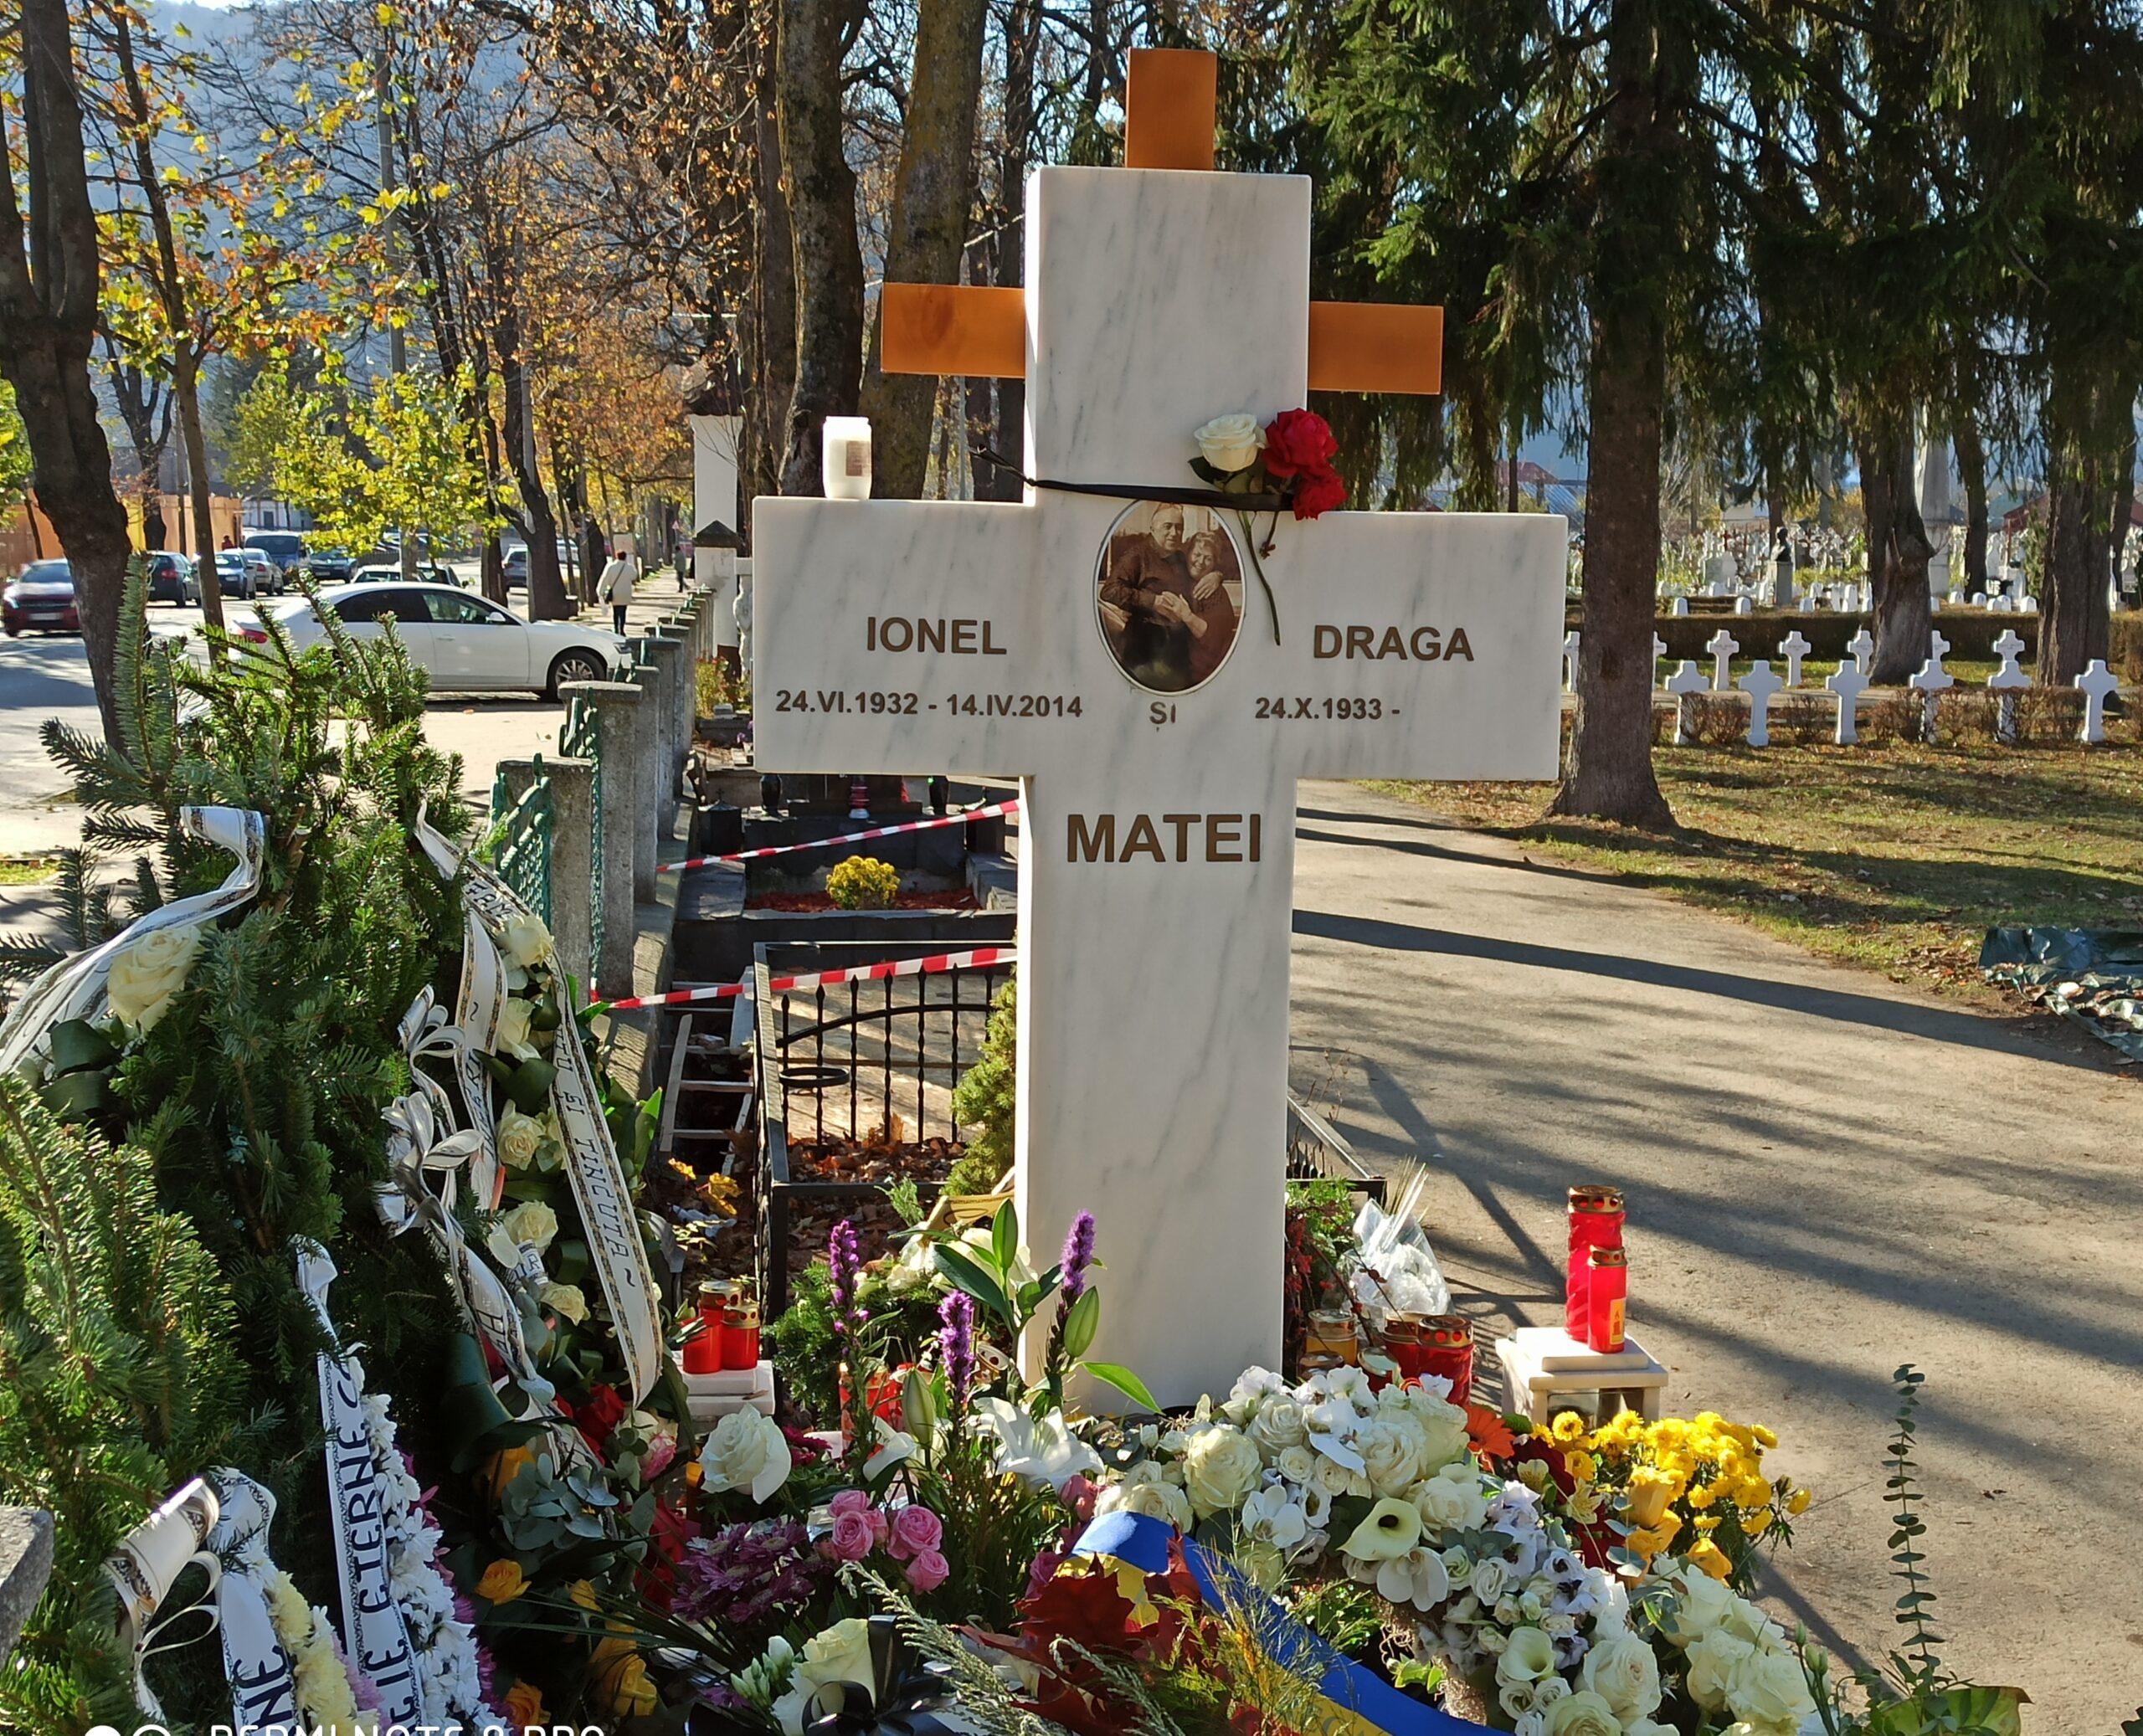 Liniște. Doamna Draga Olteanu Matei se odihnește. (foto-galerie)